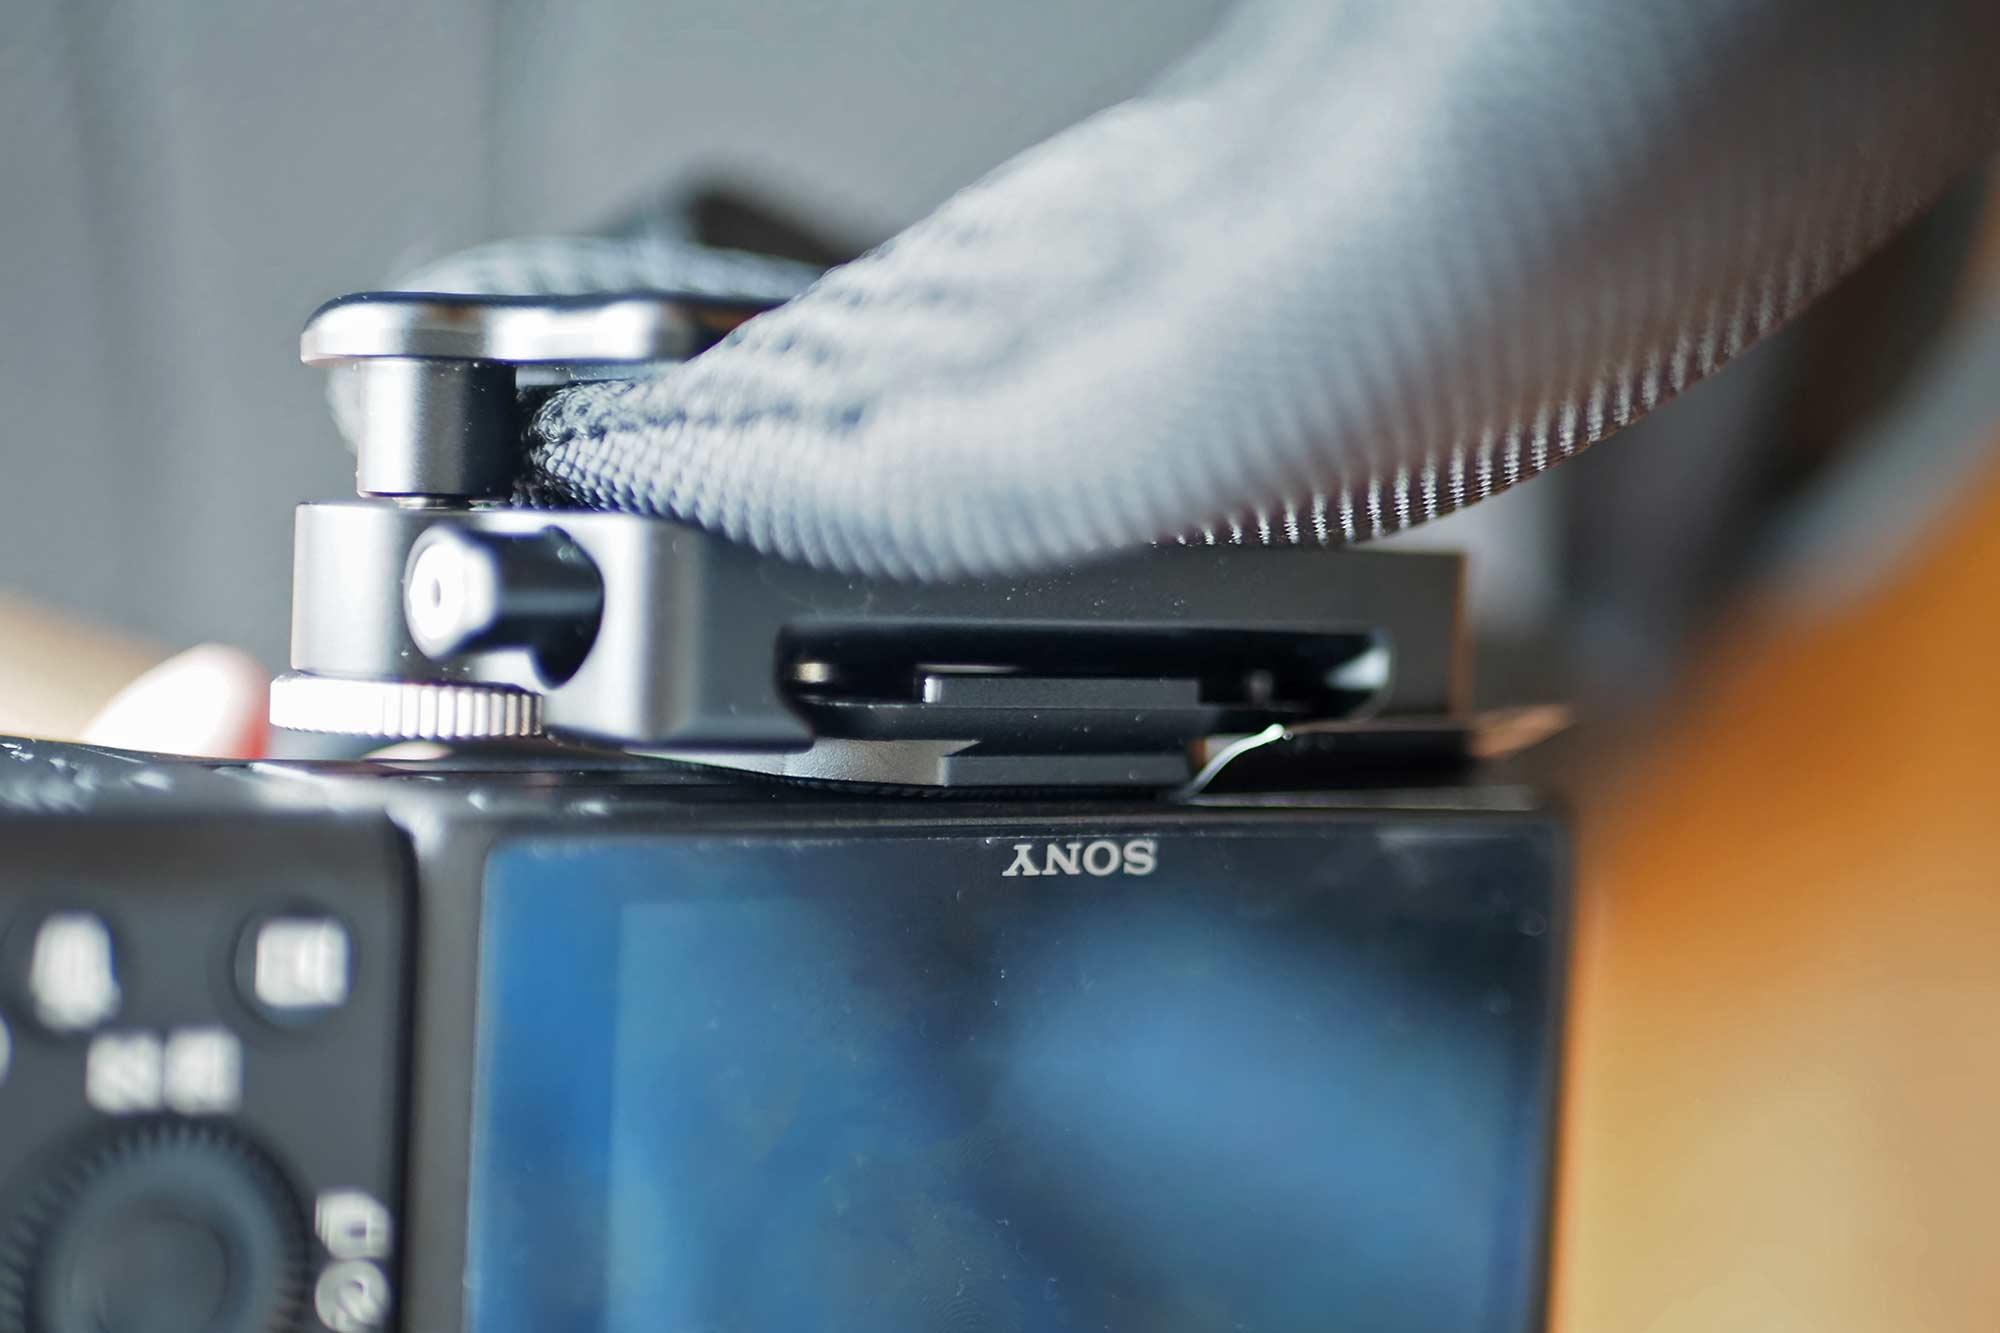 カメラホルスター,SWFOTO,ミラーレス一眼,一眼レフ,安い,コスパ,軽い,丈夫